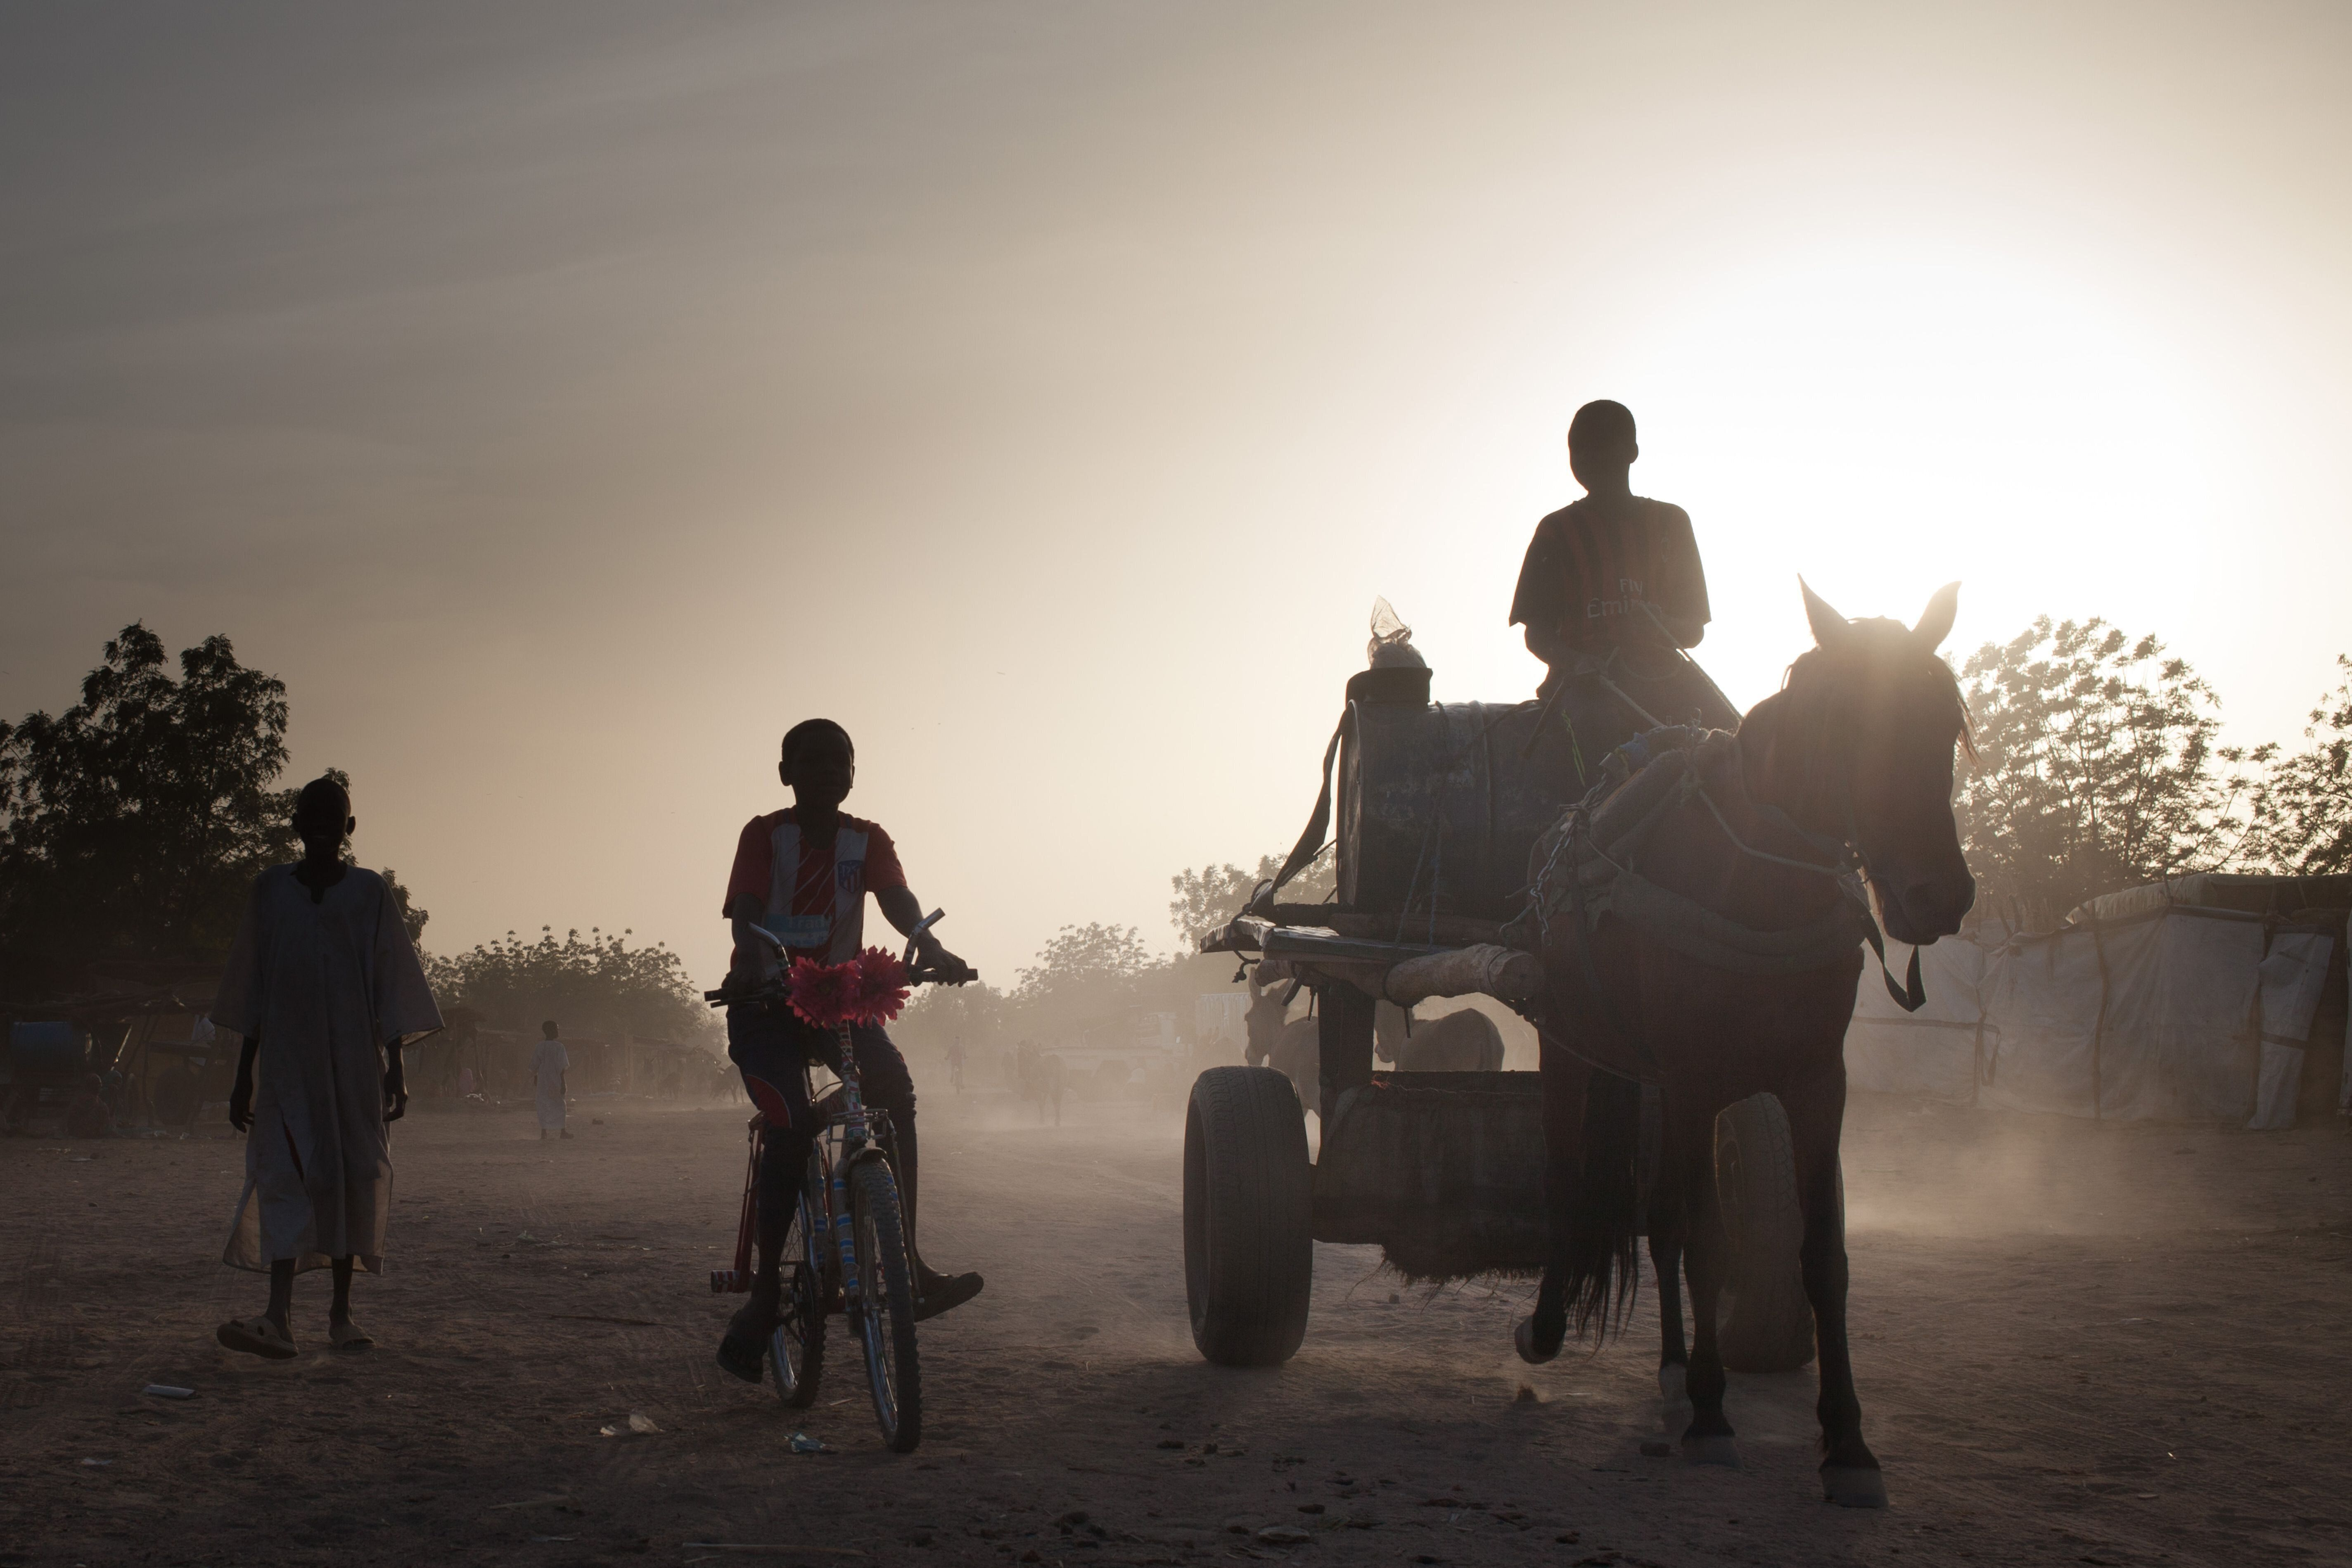 Τσαντ: Πως είναι να ζεις σε μια χώρα δίχως